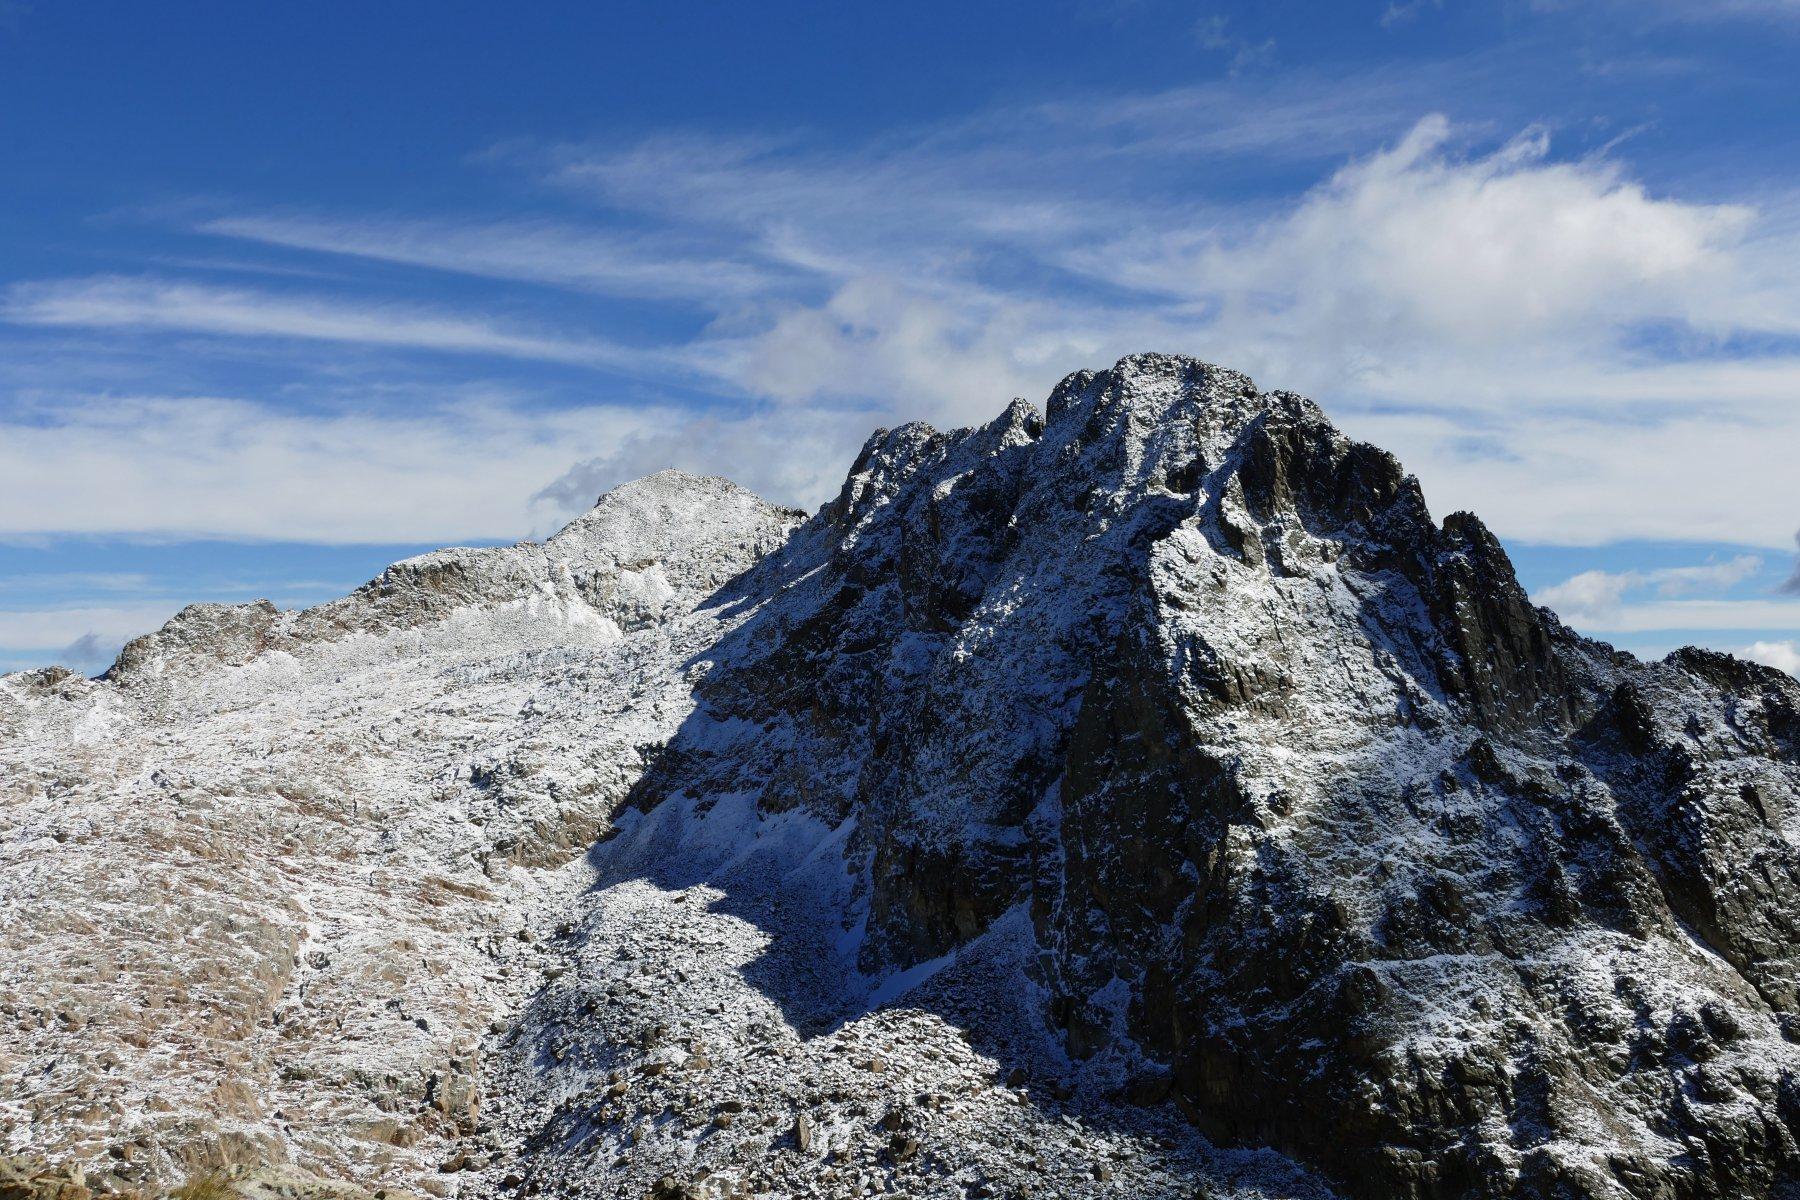 Dal colle vista sul severo versante settentrionale del Matto